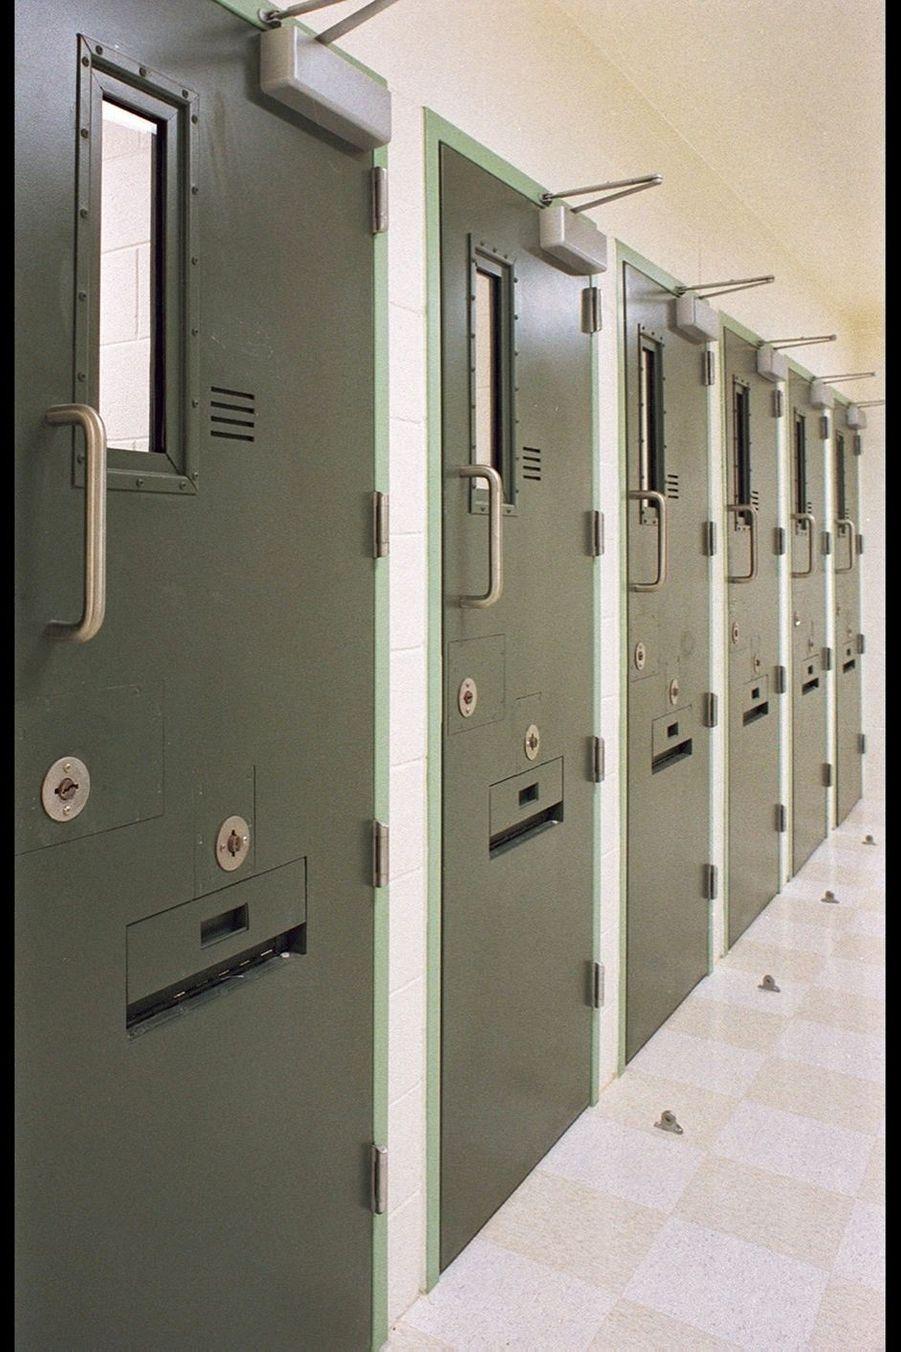 Les portes des cellules ne s'ouvrent qu'une heure par 24 heures. A n'importe quel moment, de jour comme de nuit